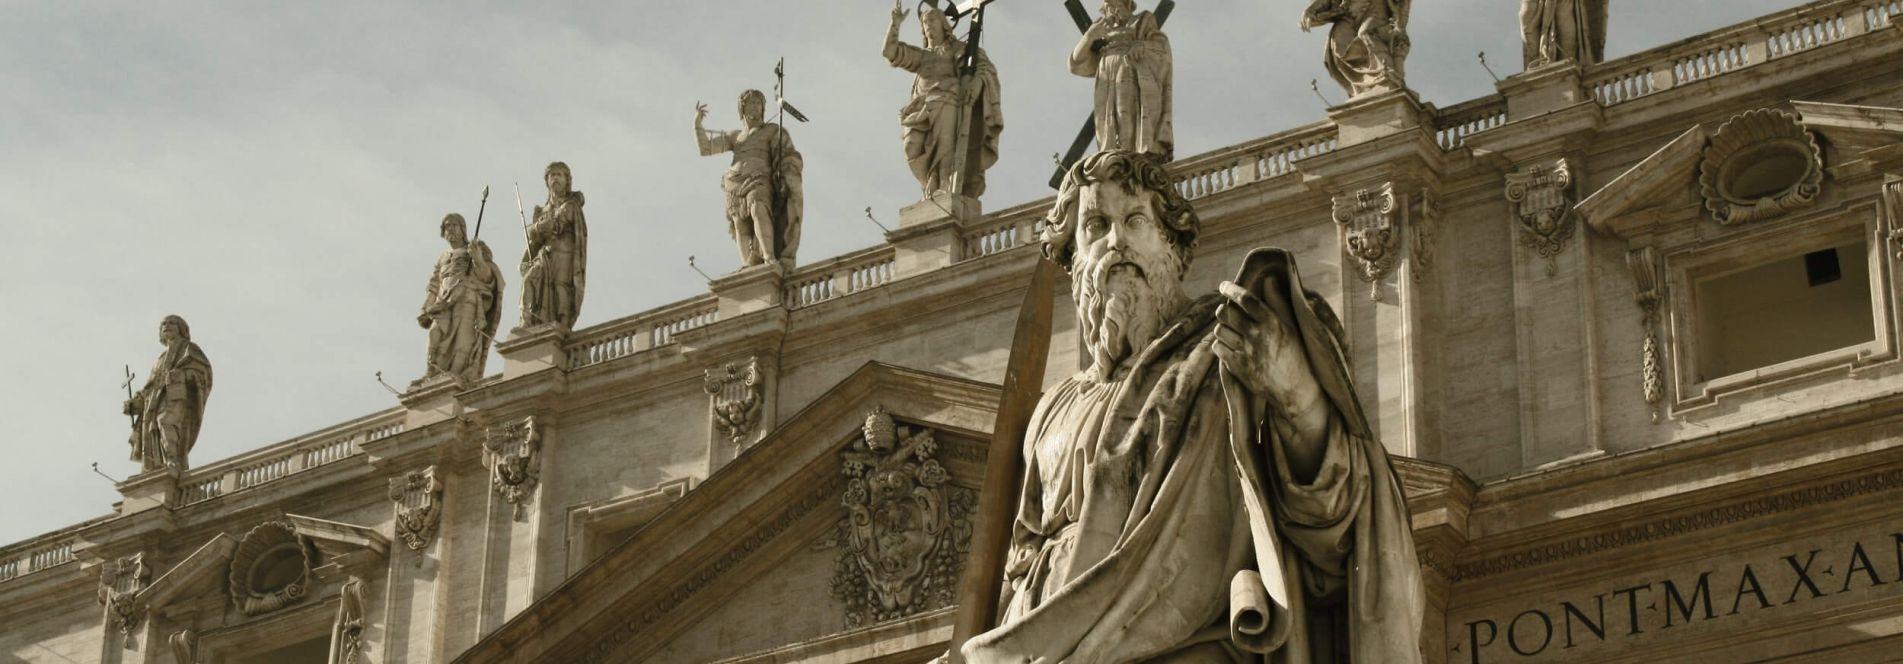 Rim 4 dana - super prilika